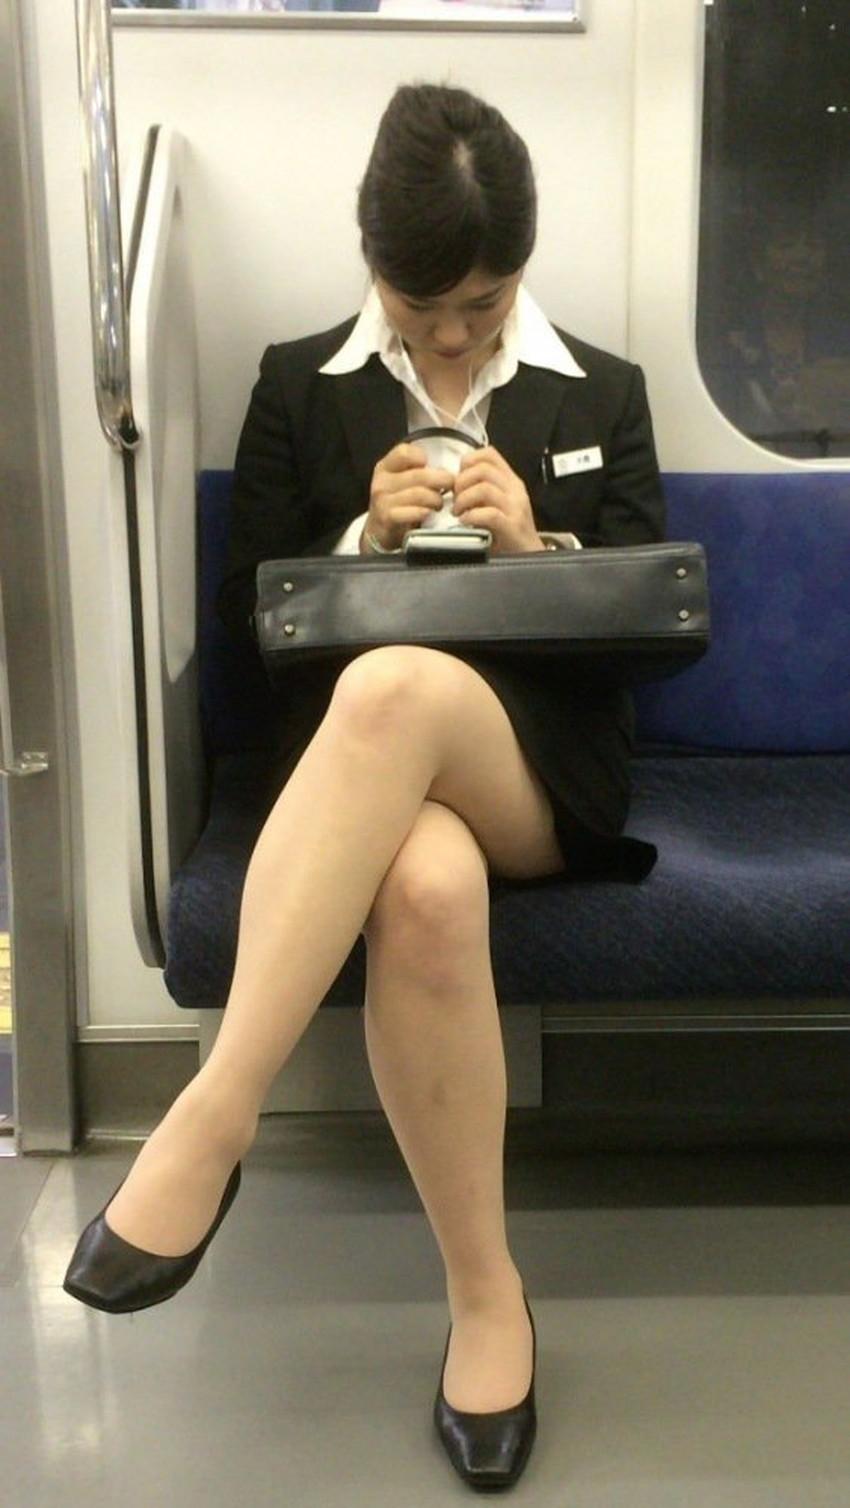 【足組みエロ画像】パンティー見えそうで見えない美脚なOLやお姉さんたちの足組みエロ画像集ww【80枚】 44